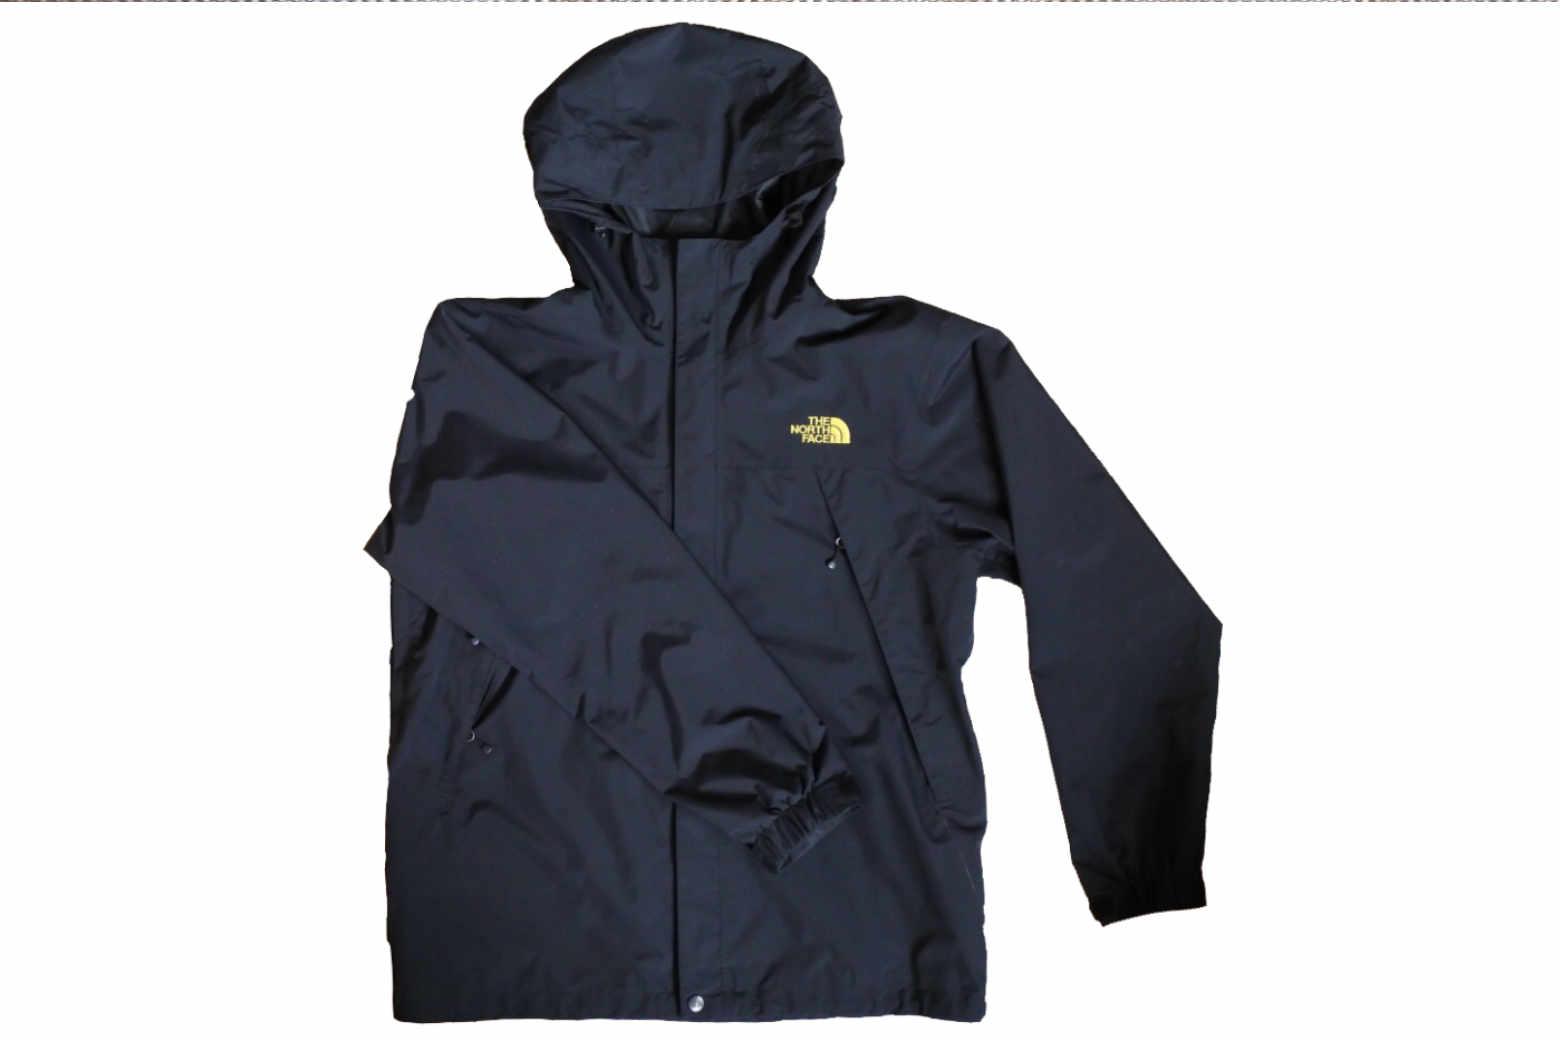 ノースフェイス(NORTH FACE)のスクープジャケットを街(タウンユース)で着用しています【インプレ】